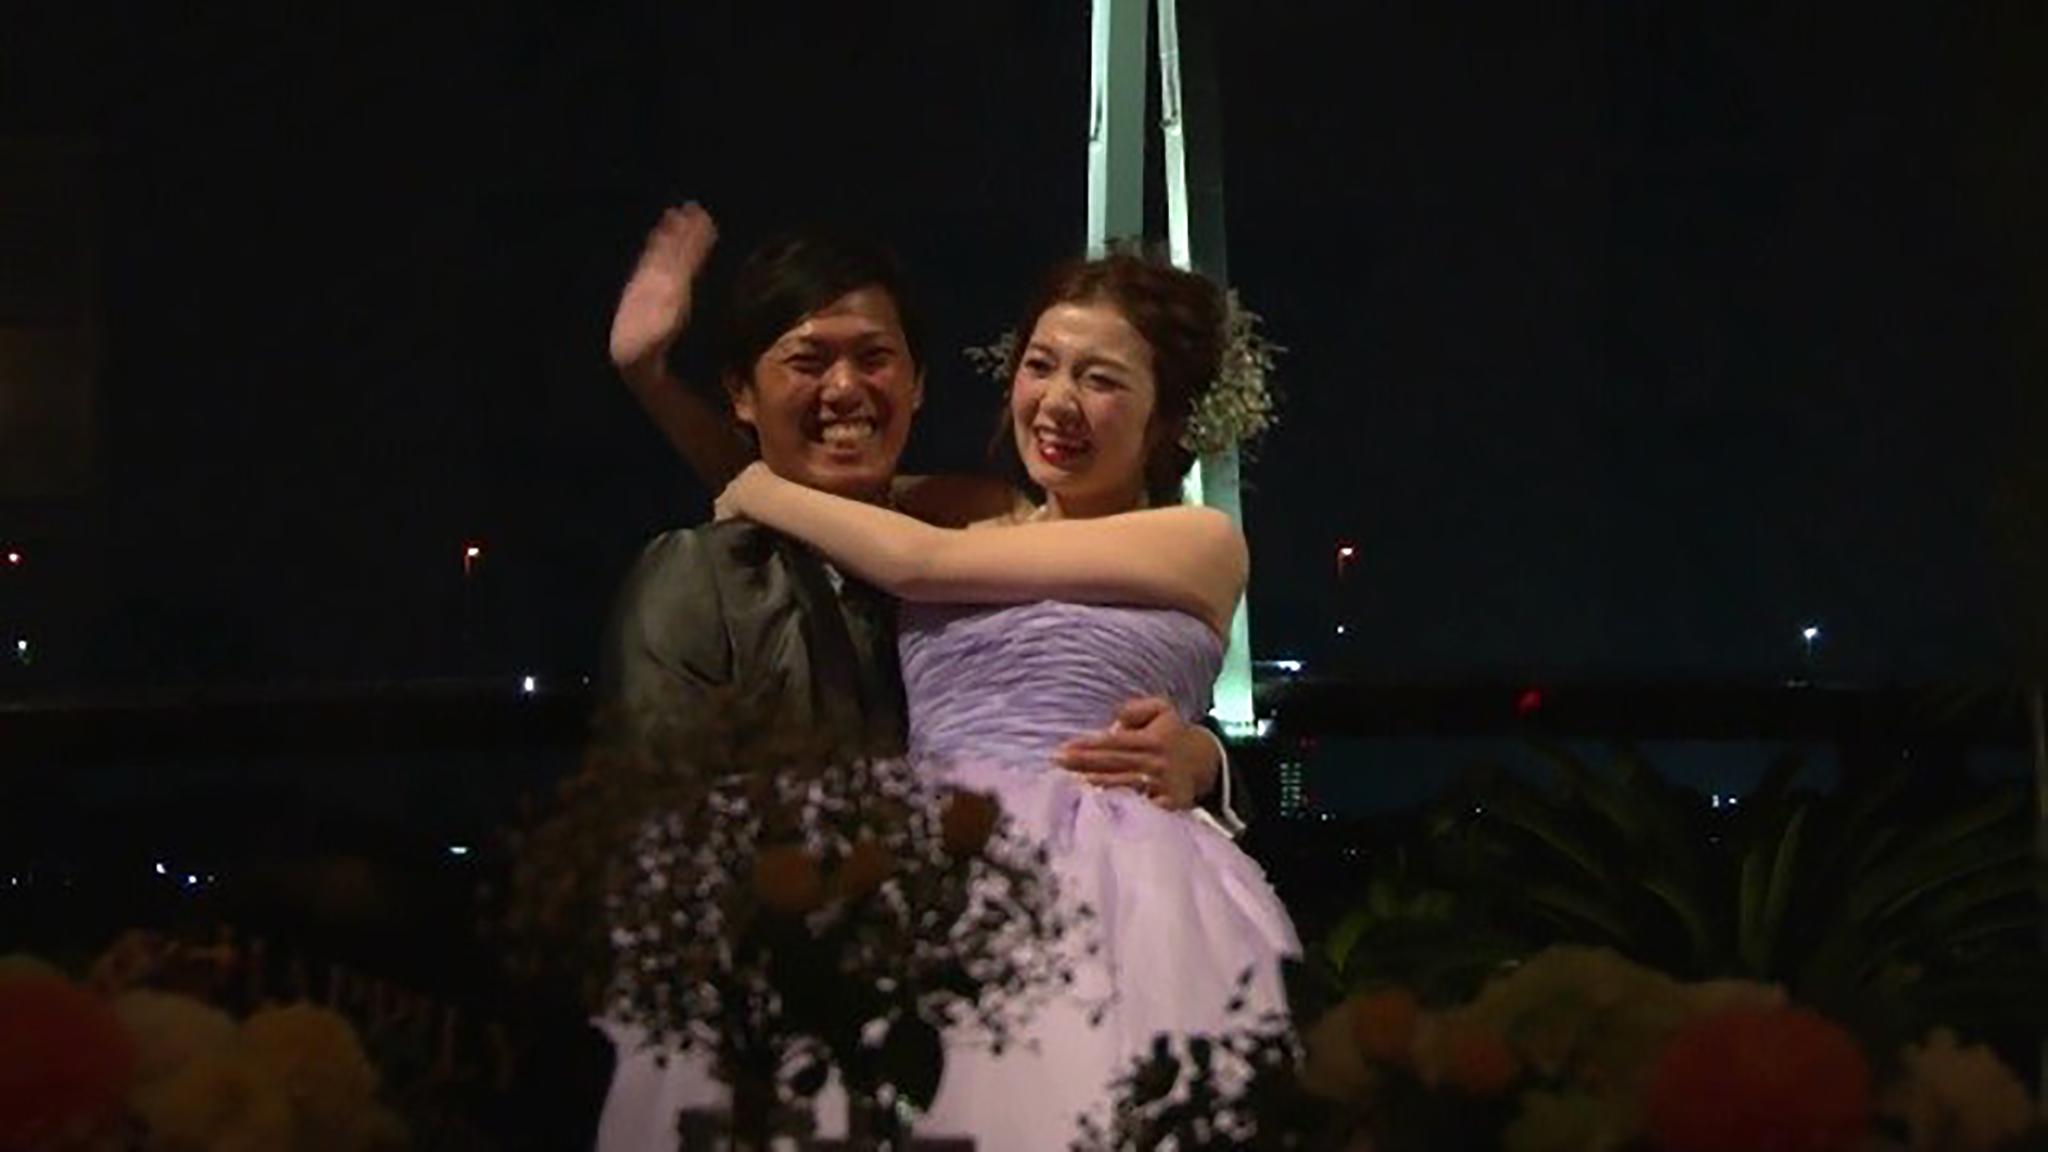 笑いあり、涙あり! 花嫁へ贈る2つのサプライズ